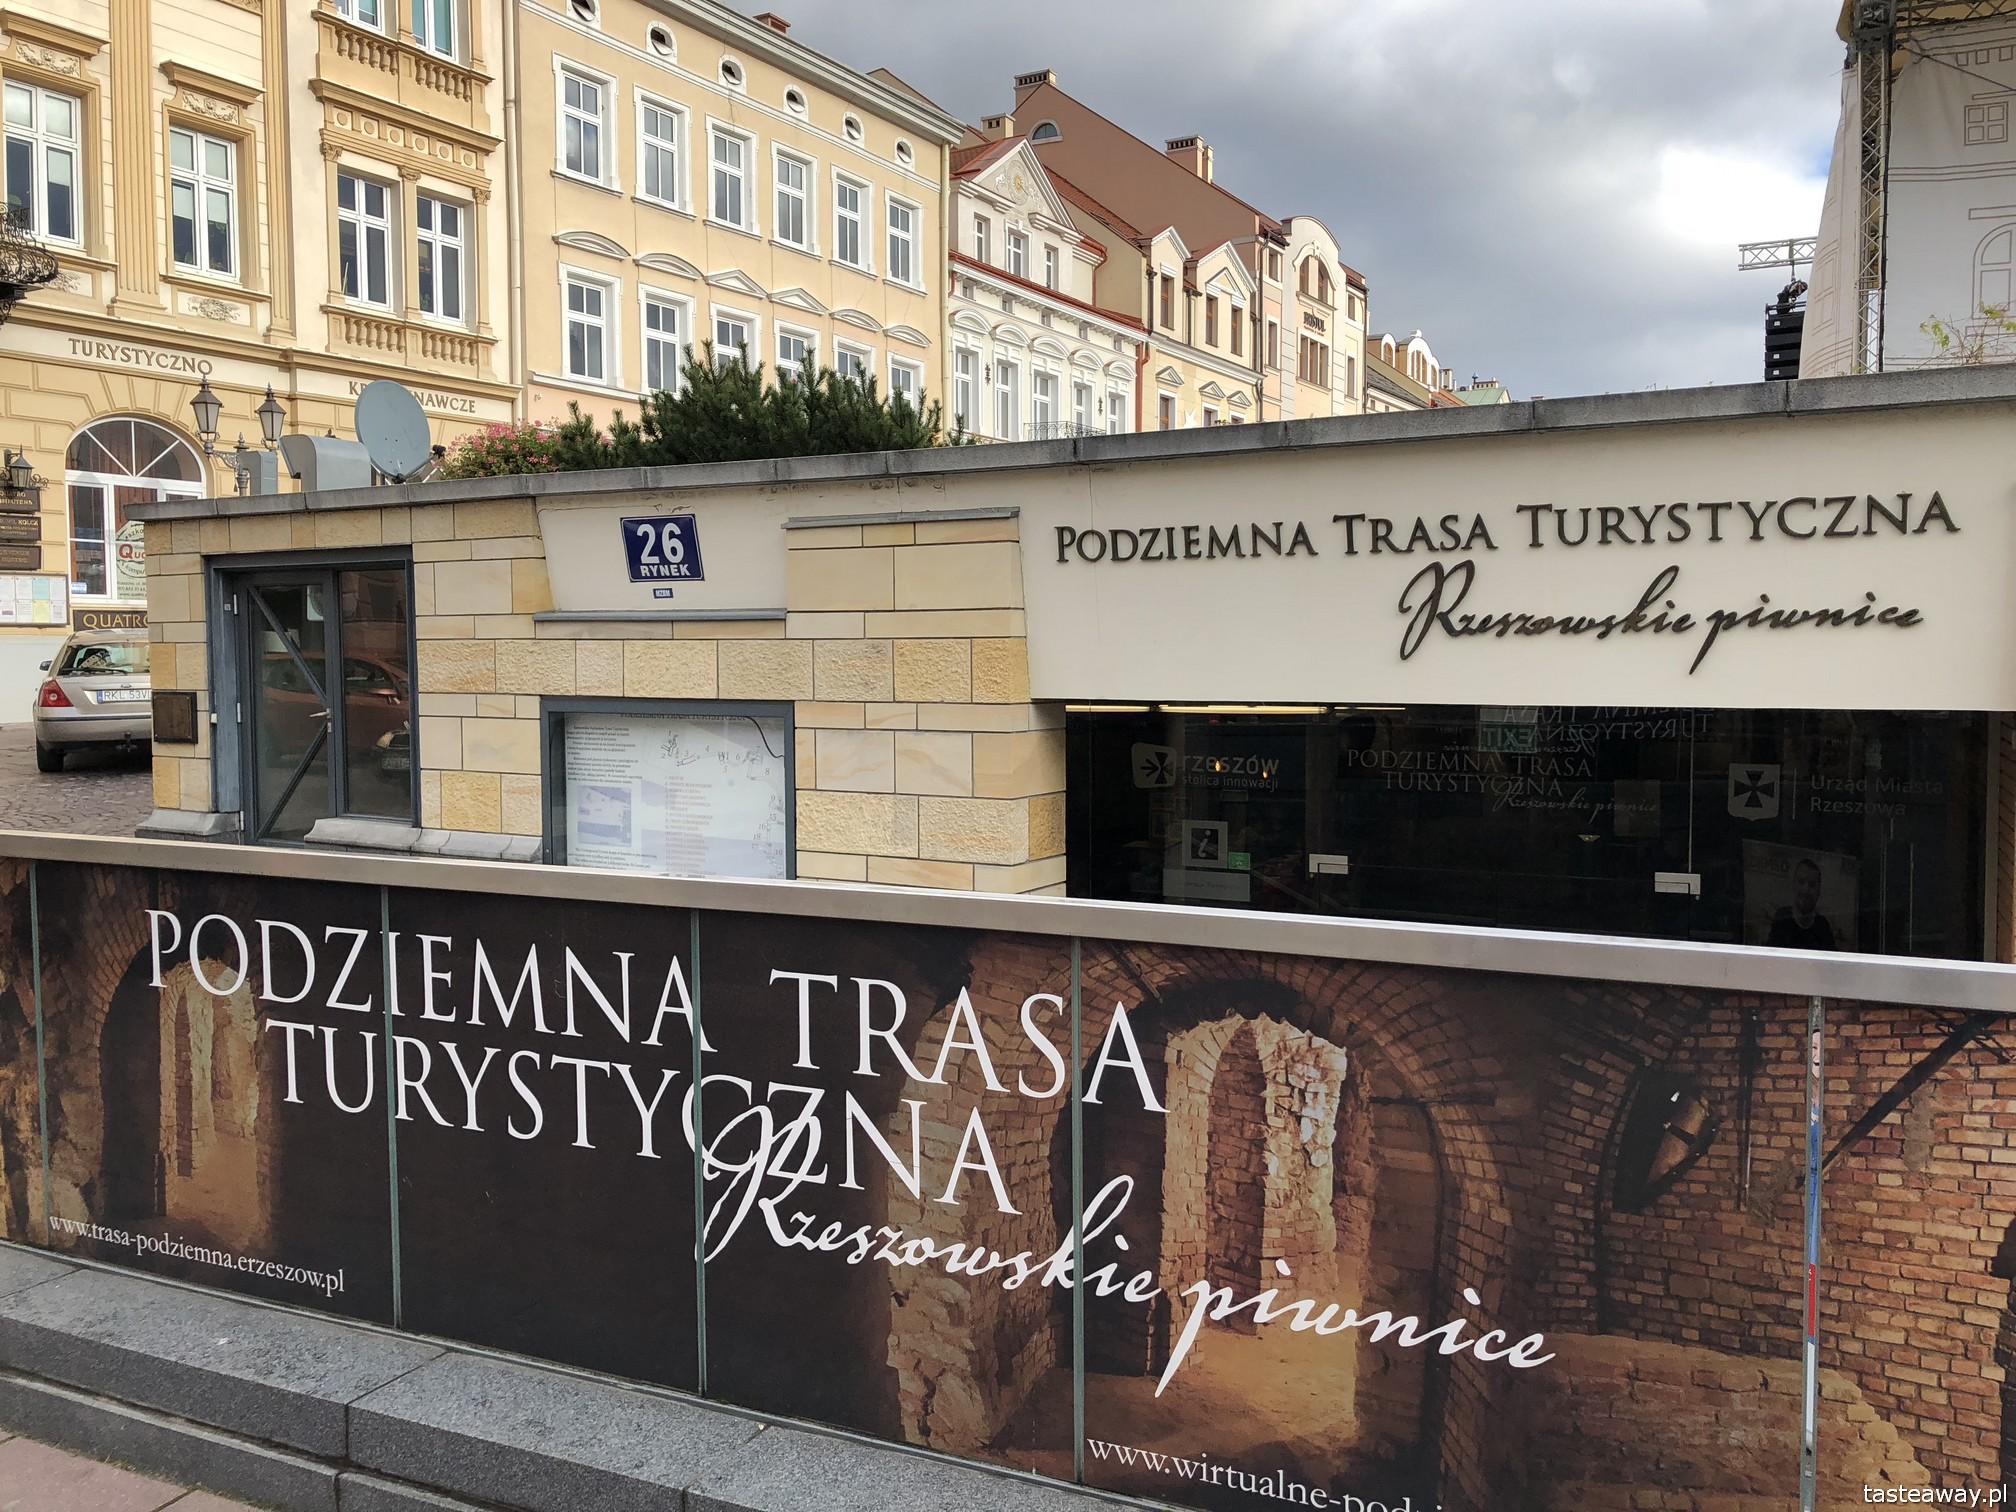 Rzeszów, co zobaczyć w Rzeszowie, Podkarpackie, rynek w Rzeszowie, podróżowanie z dziećmi, Podziemna Trasa Turystyczna